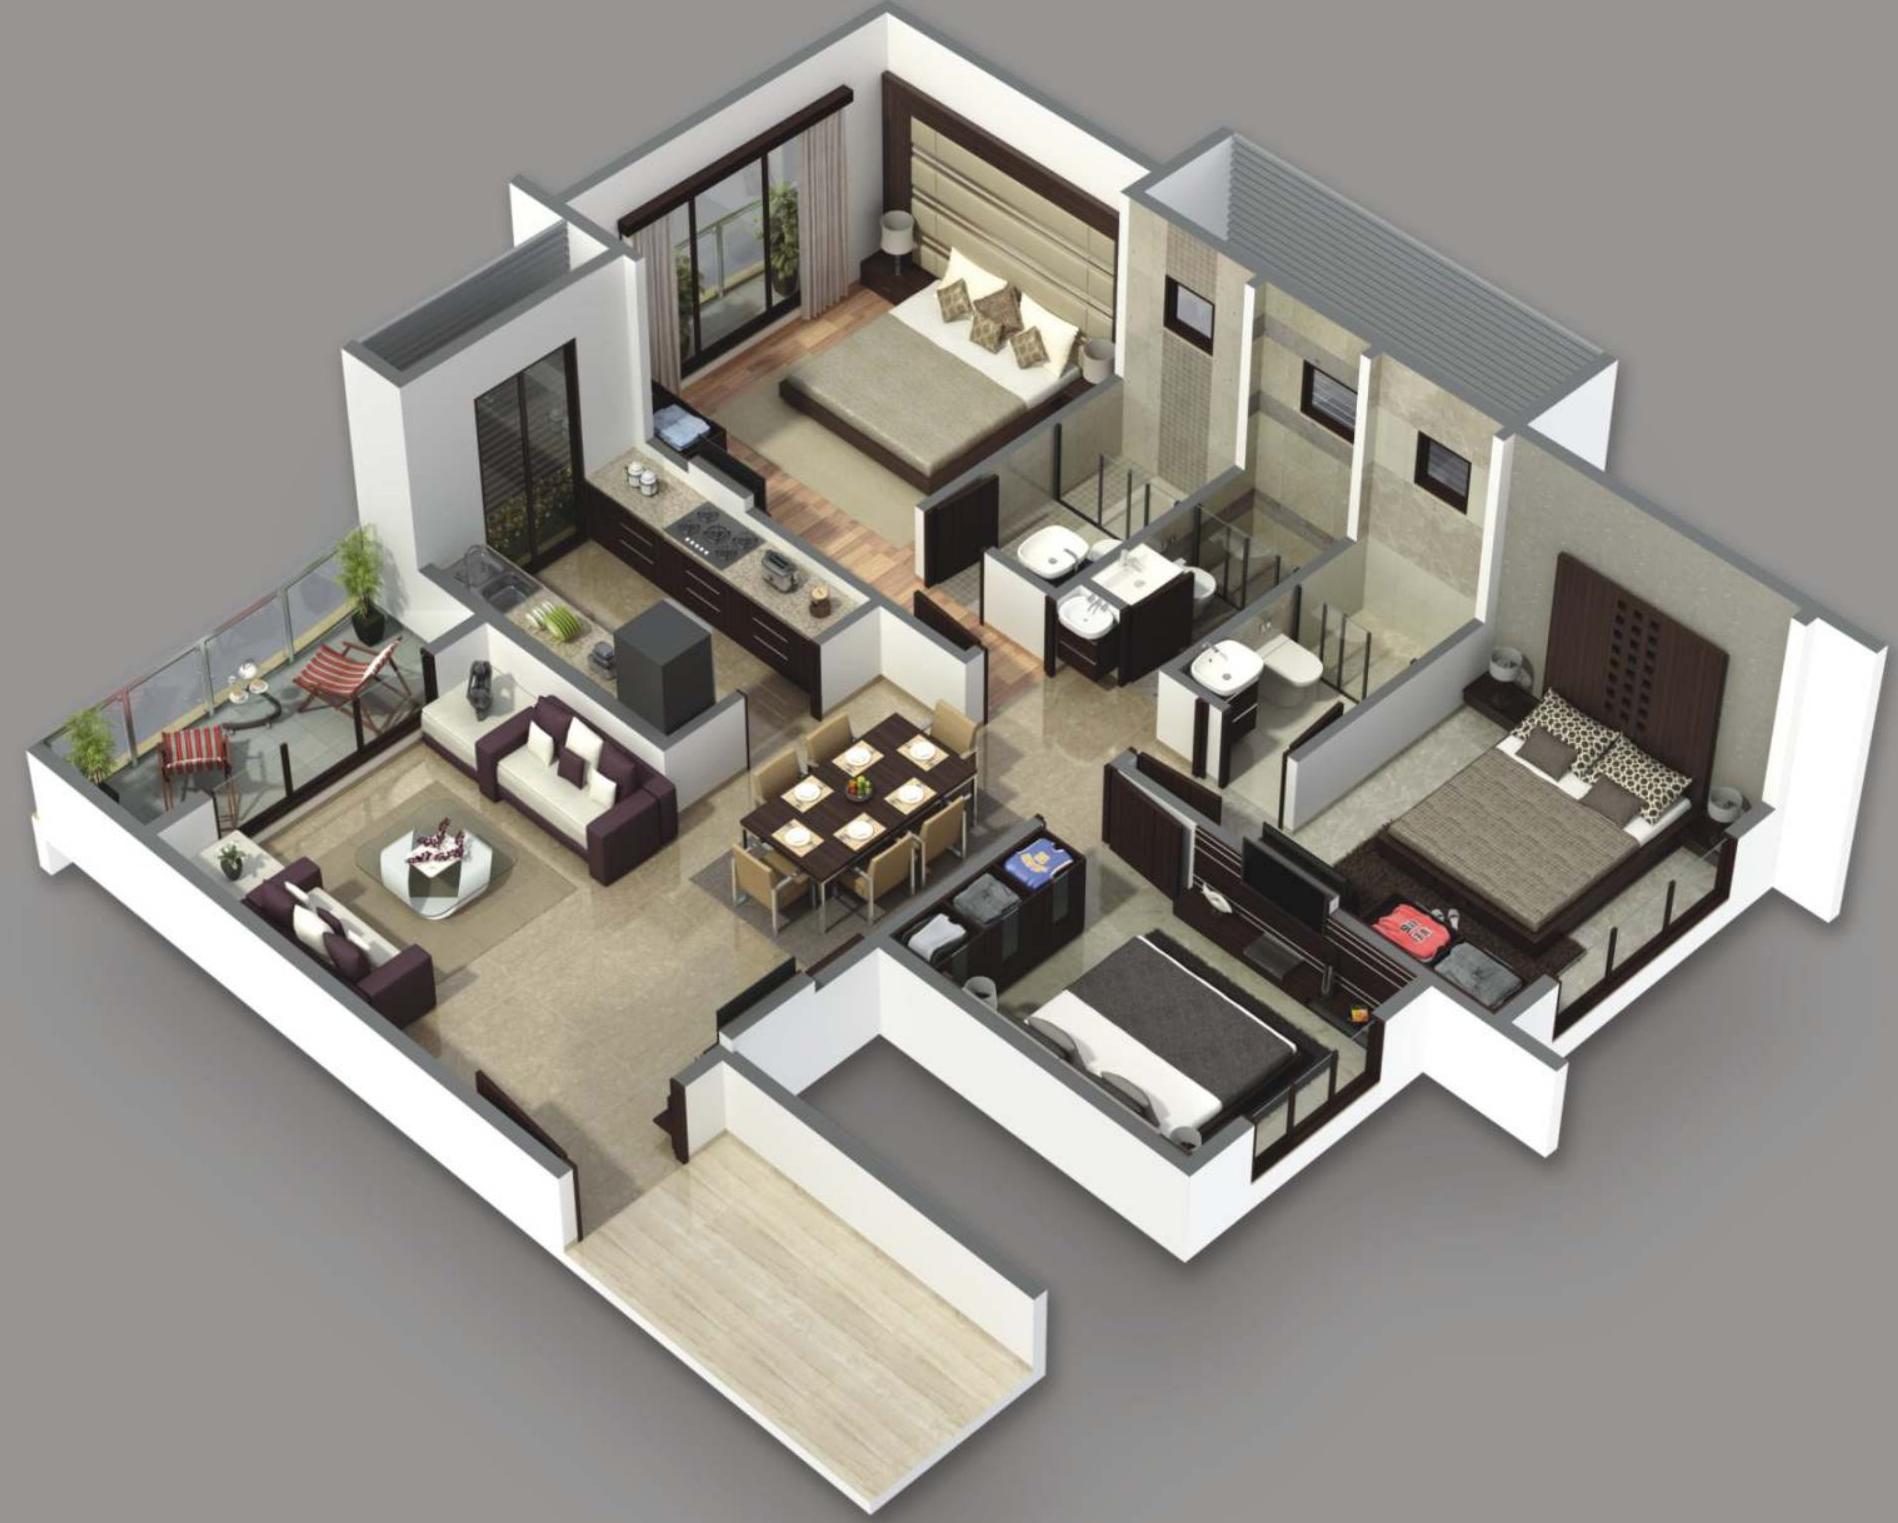 Ramky Samruddhi Floor Plan